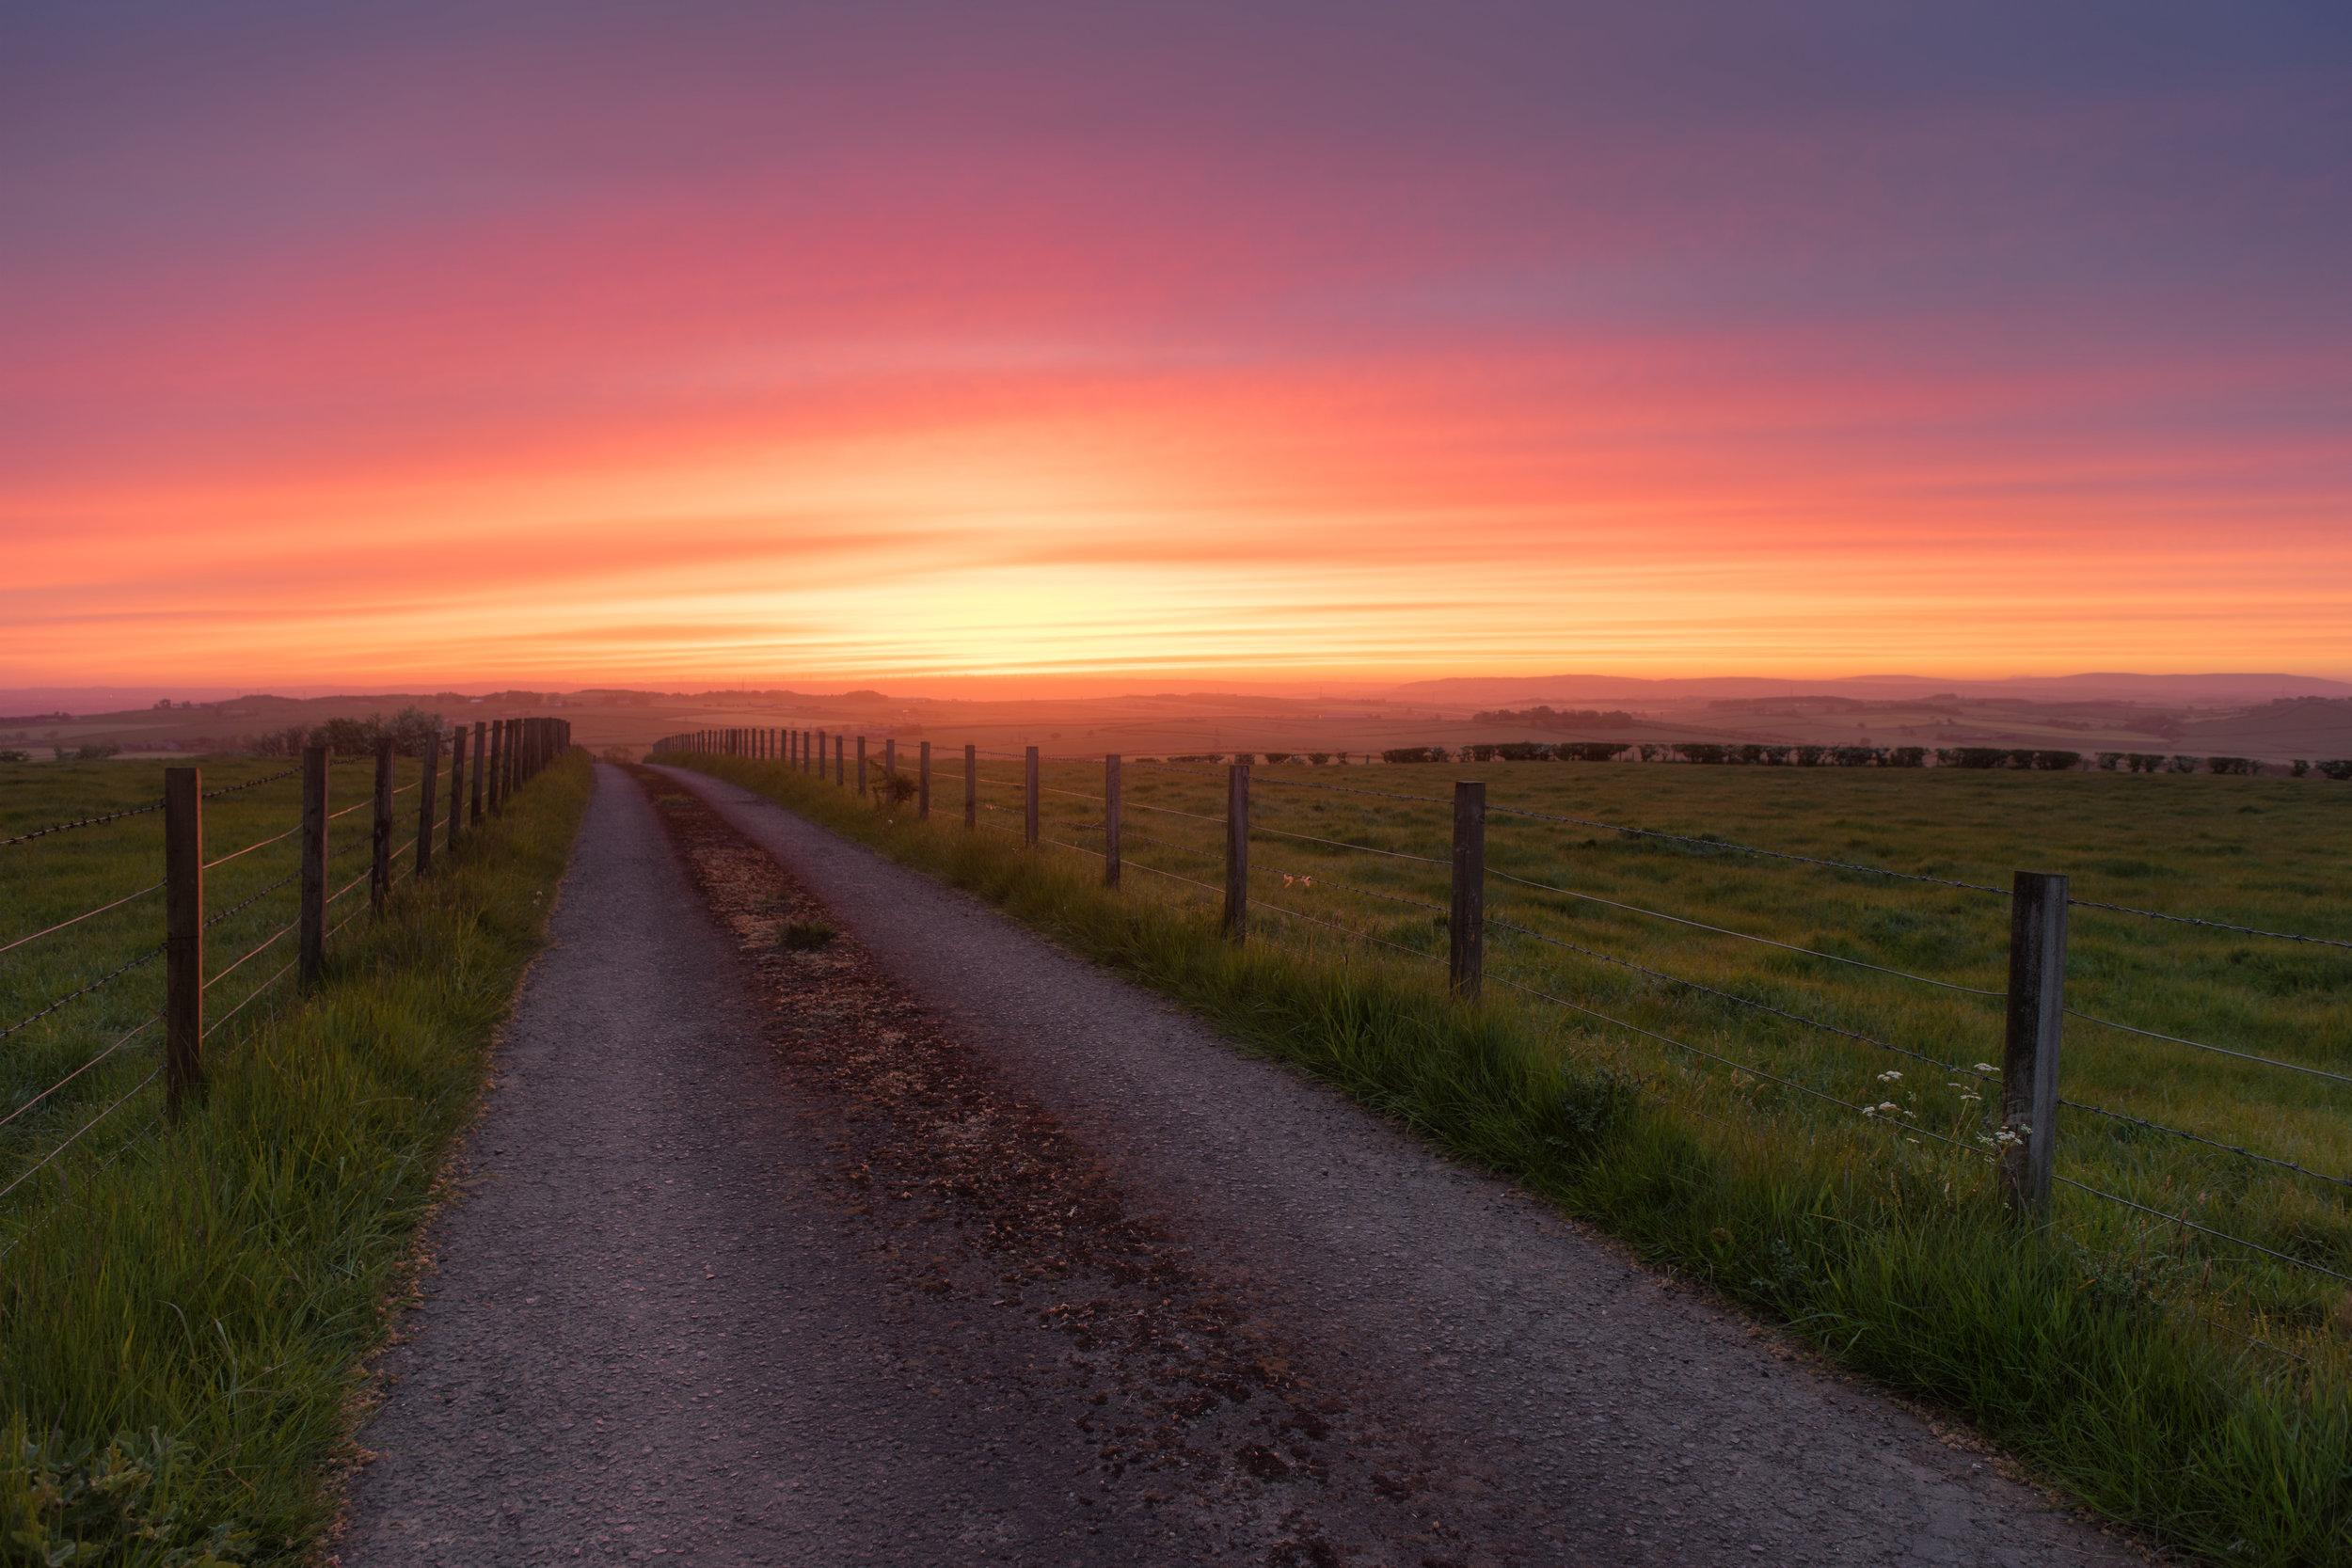 'Good Morning, Ayrshire!'